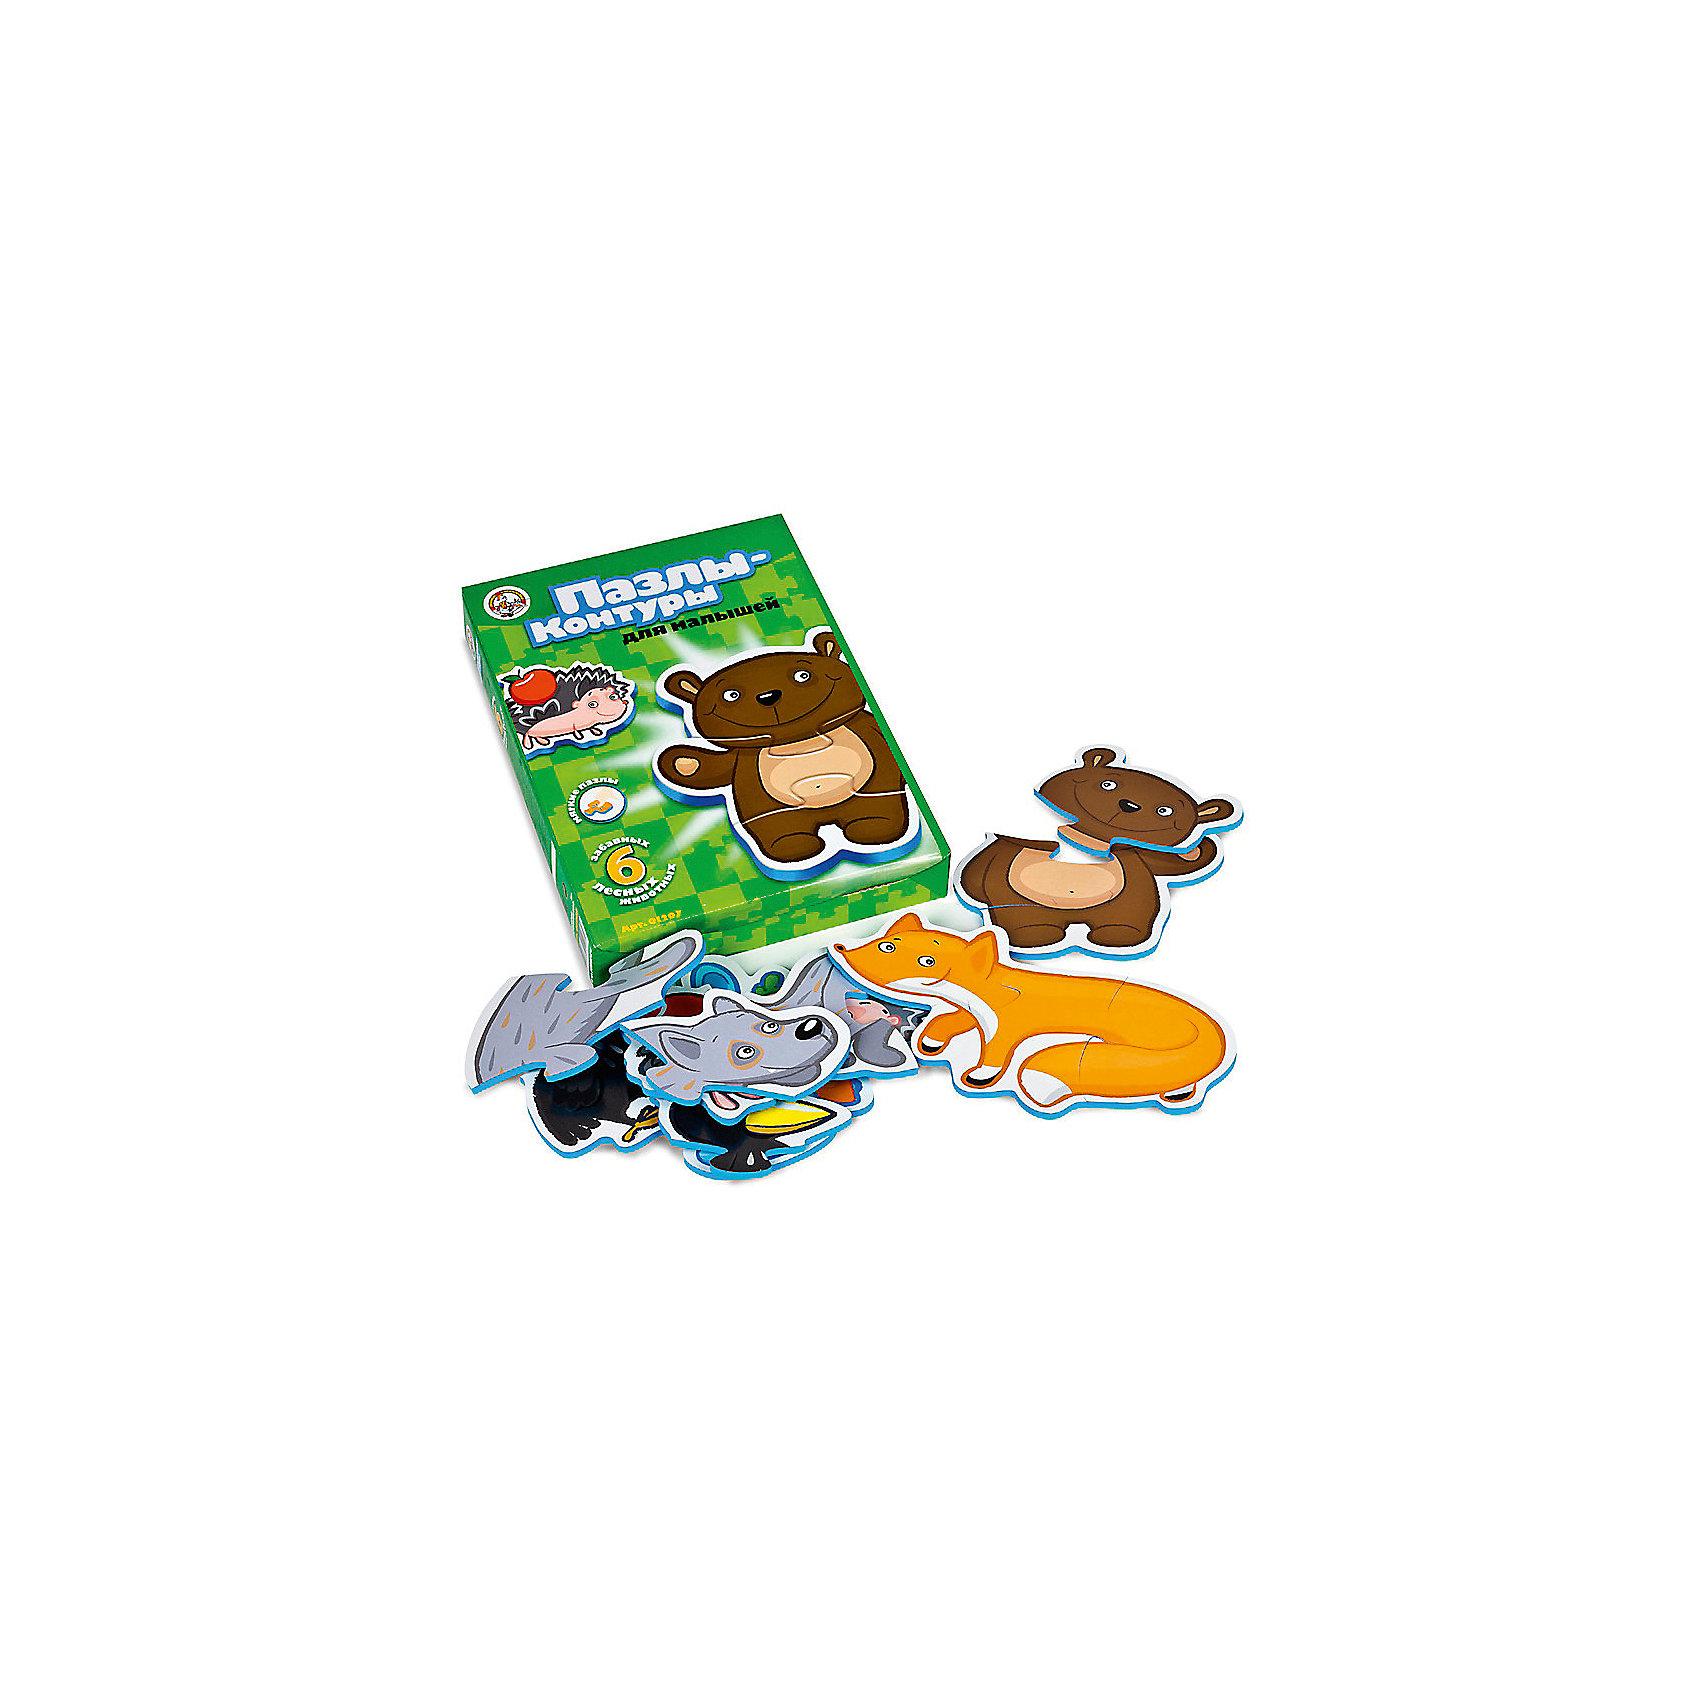 Пазлы-контуры Лесные животные, Десятое королевствоПазлы для малышей<br>Характеристики:<br><br>• возраст: от 2 лет<br>• количество деталей: 15<br>• материалы: вспененный полимер, картон<br>• упаковка: картонная коробка<br>• размер упаковки: 27,5х20х4 см.<br>• вес: 138 гр.<br><br>Пазлы-контуры, выполненные из экологически чистых материалов, разработаны для самых маленьких. Из крупных мягких деталей пазла ребенок соберет 6 фигурок животных: ворона, ежика и зайца из двух частей, медведя, лису и волка из трех. <br><br>Элементы пазла плотно и надежно фиксируются между собой, что позволит малышу играть готовыми фигурками. Собирая пазл, ребенок научится сопоставлять часть и целое, концентрировать внимание и доводить начатое дело до конца.<br><br>Пазлы-контуры Лесные животные, Десятое королевство можно купить в нашем интернет-магазине.<br><br>Ширина мм: 280<br>Глубина мм: 195<br>Высота мм: 20<br>Вес г: 158<br>Возраст от месяцев: 24<br>Возраст до месяцев: 2147483647<br>Пол: Унисекс<br>Возраст: Детский<br>SKU: 6723907